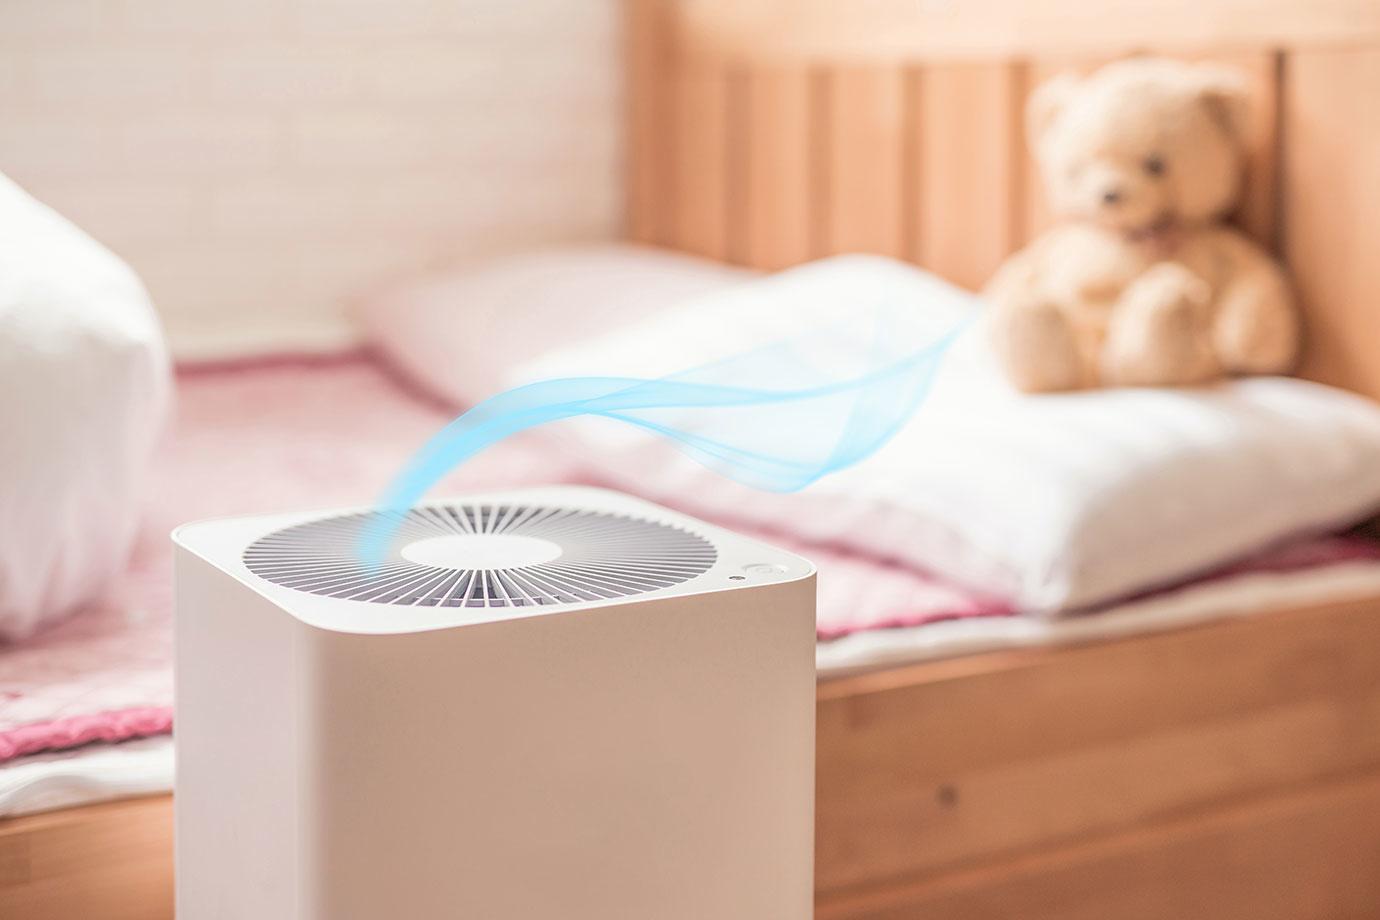 ワンルームに空気清浄機は必要?初めての空気清浄機の選び方、比較ポイントを解説